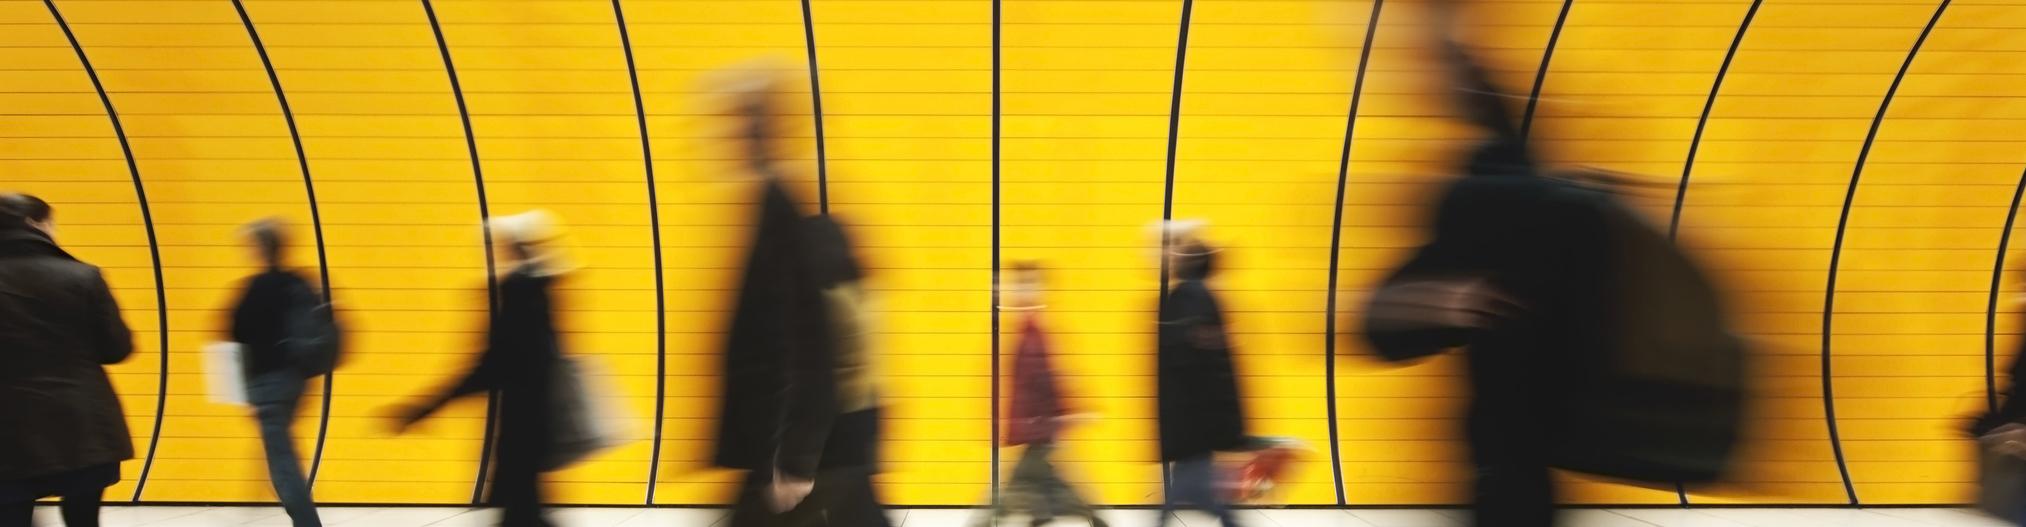 People walking in fast motion